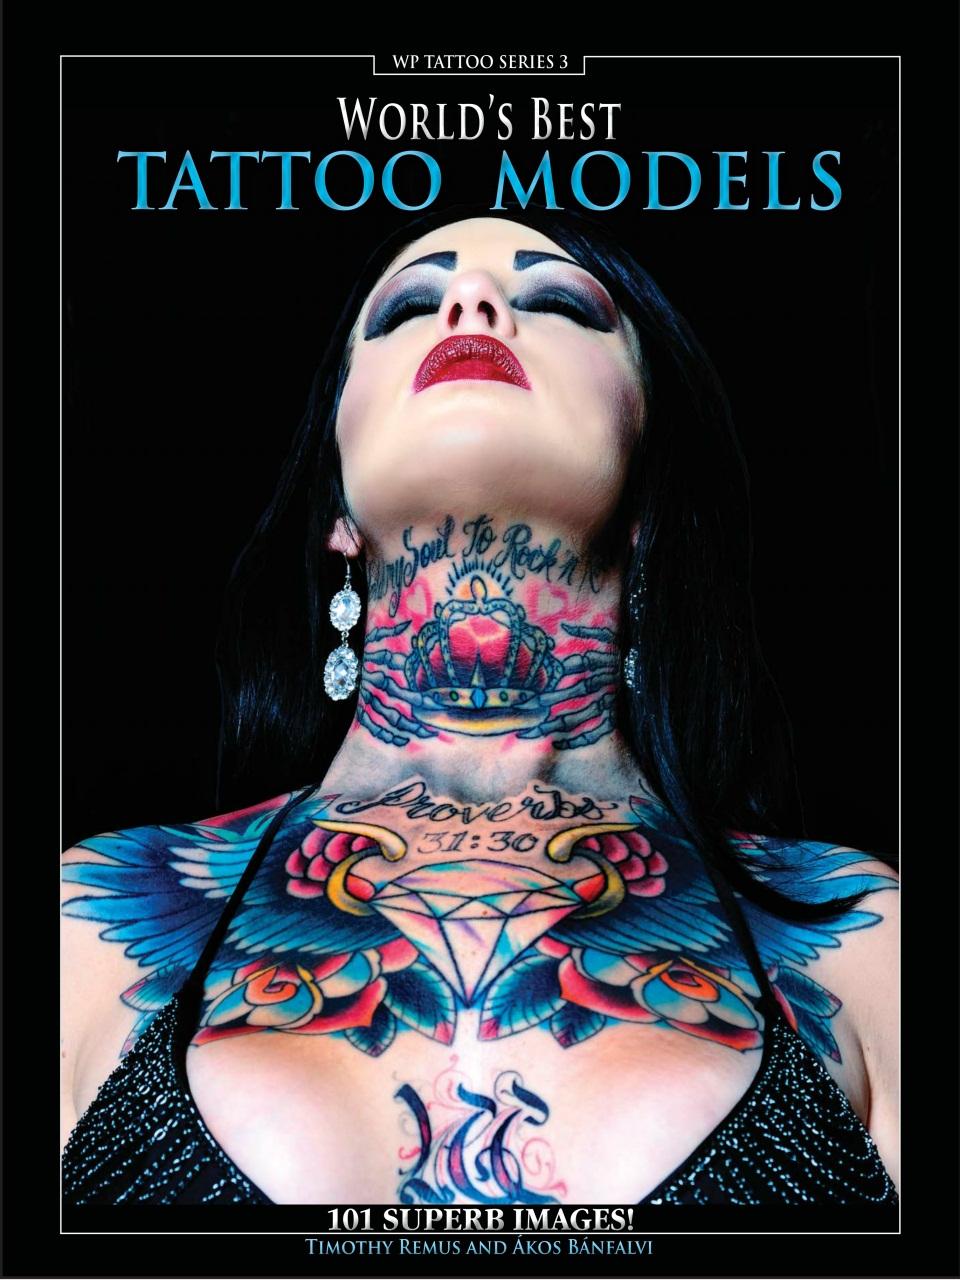 Tattoo models magazine world 39 s best tattoo models for Best tattoo magazine